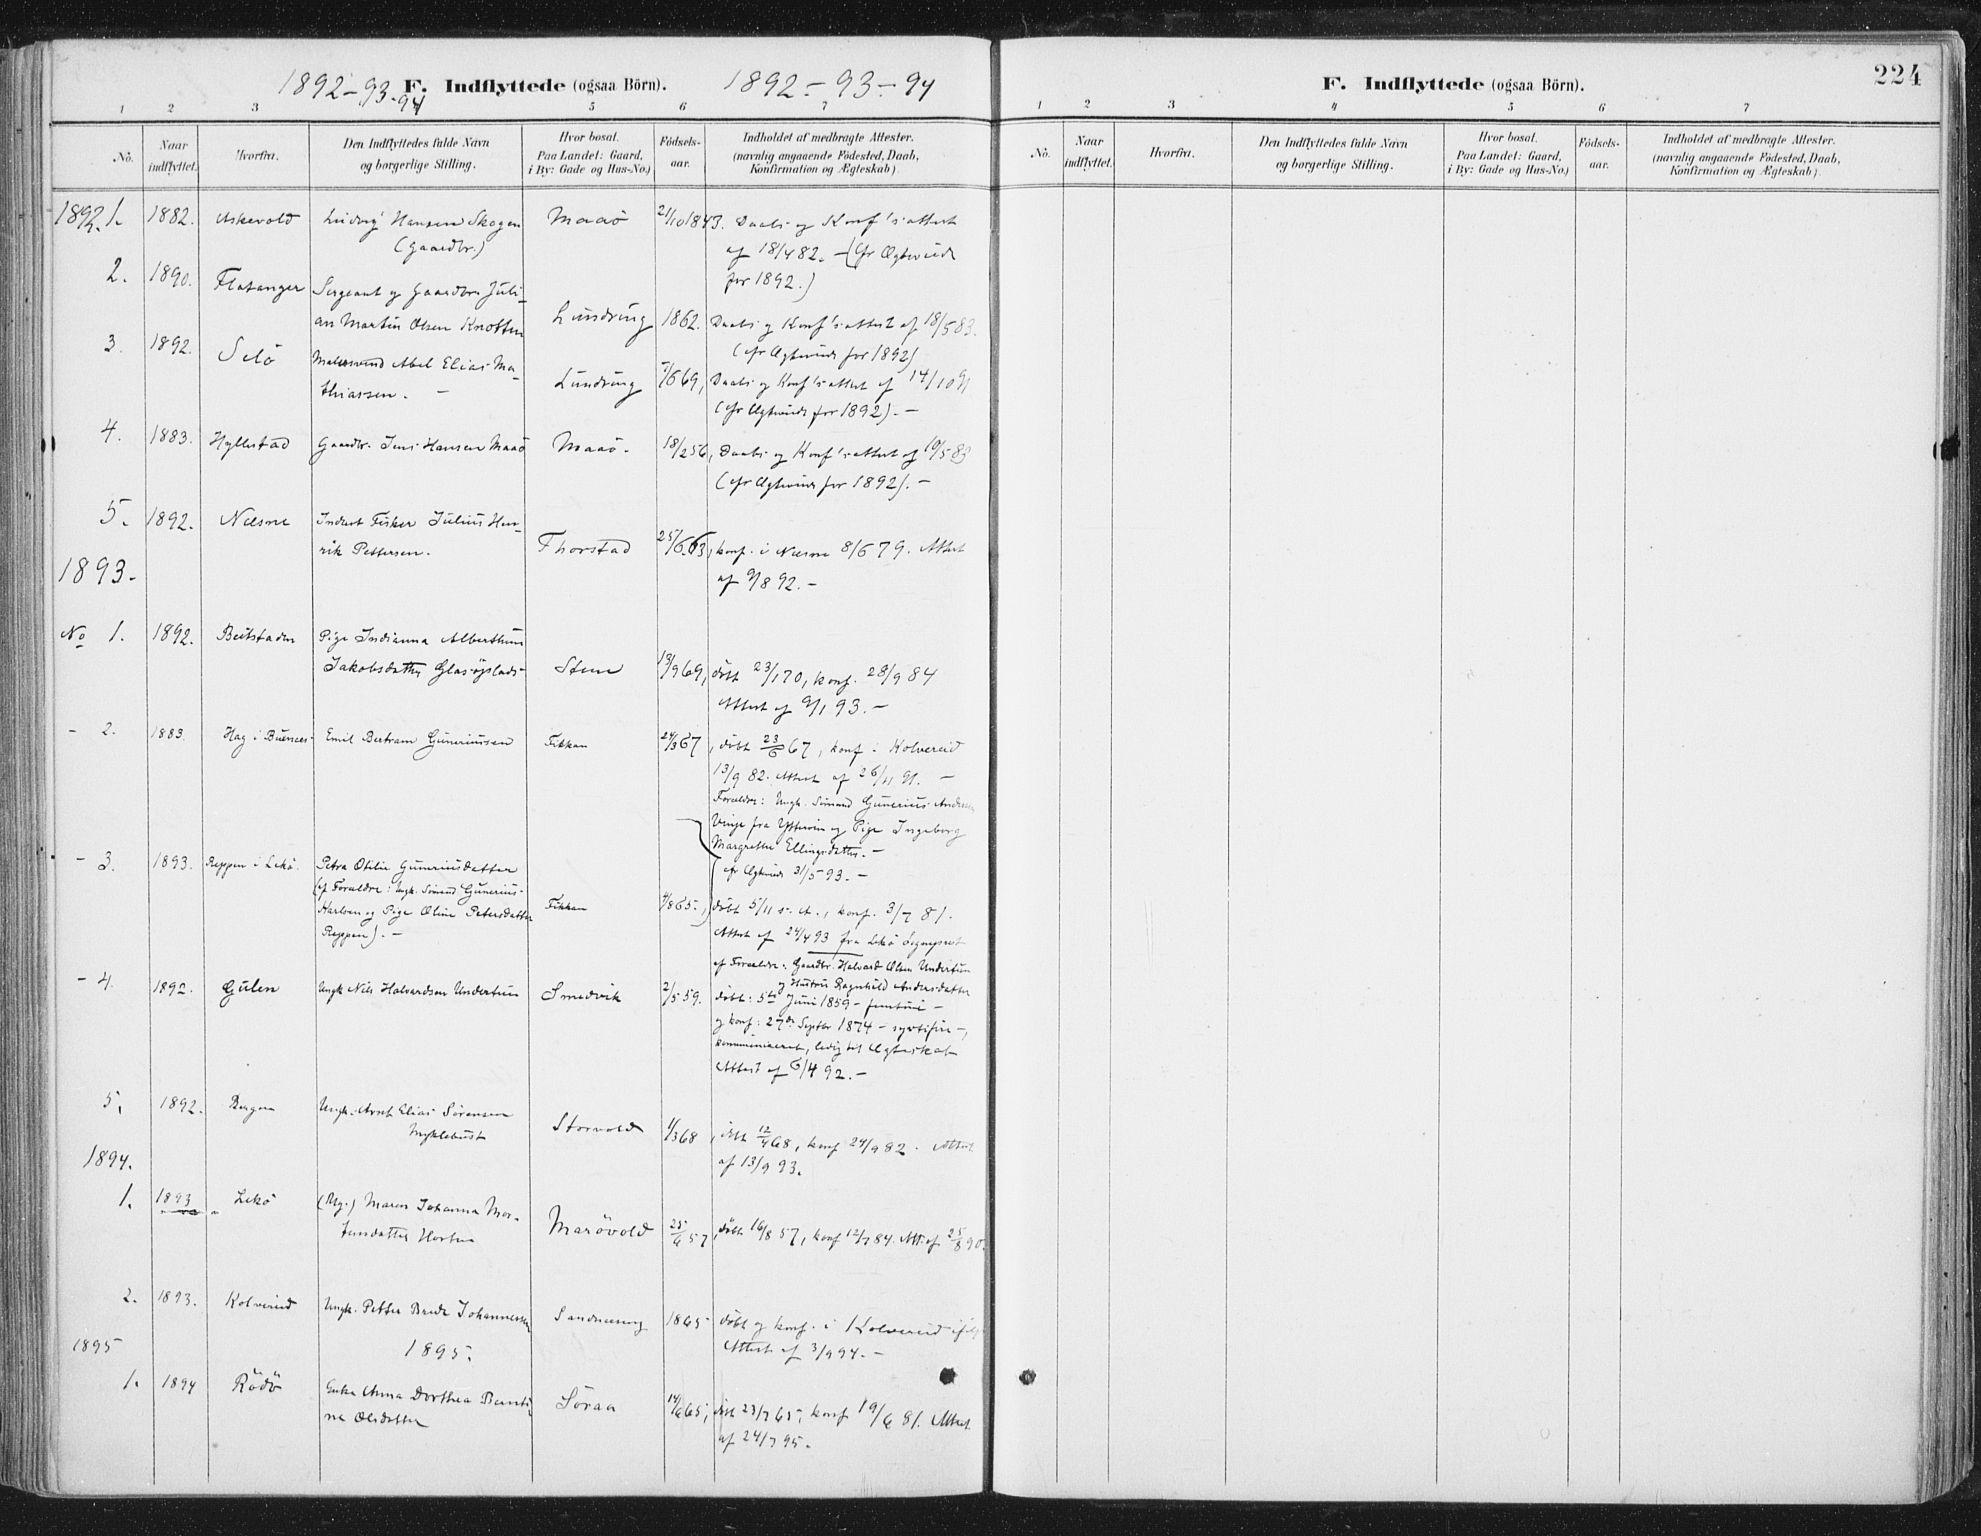 SAT, Ministerialprotokoller, klokkerbøker og fødselsregistre - Nord-Trøndelag, 784/L0673: Ministerialbok nr. 784A08, 1888-1899, s. 224